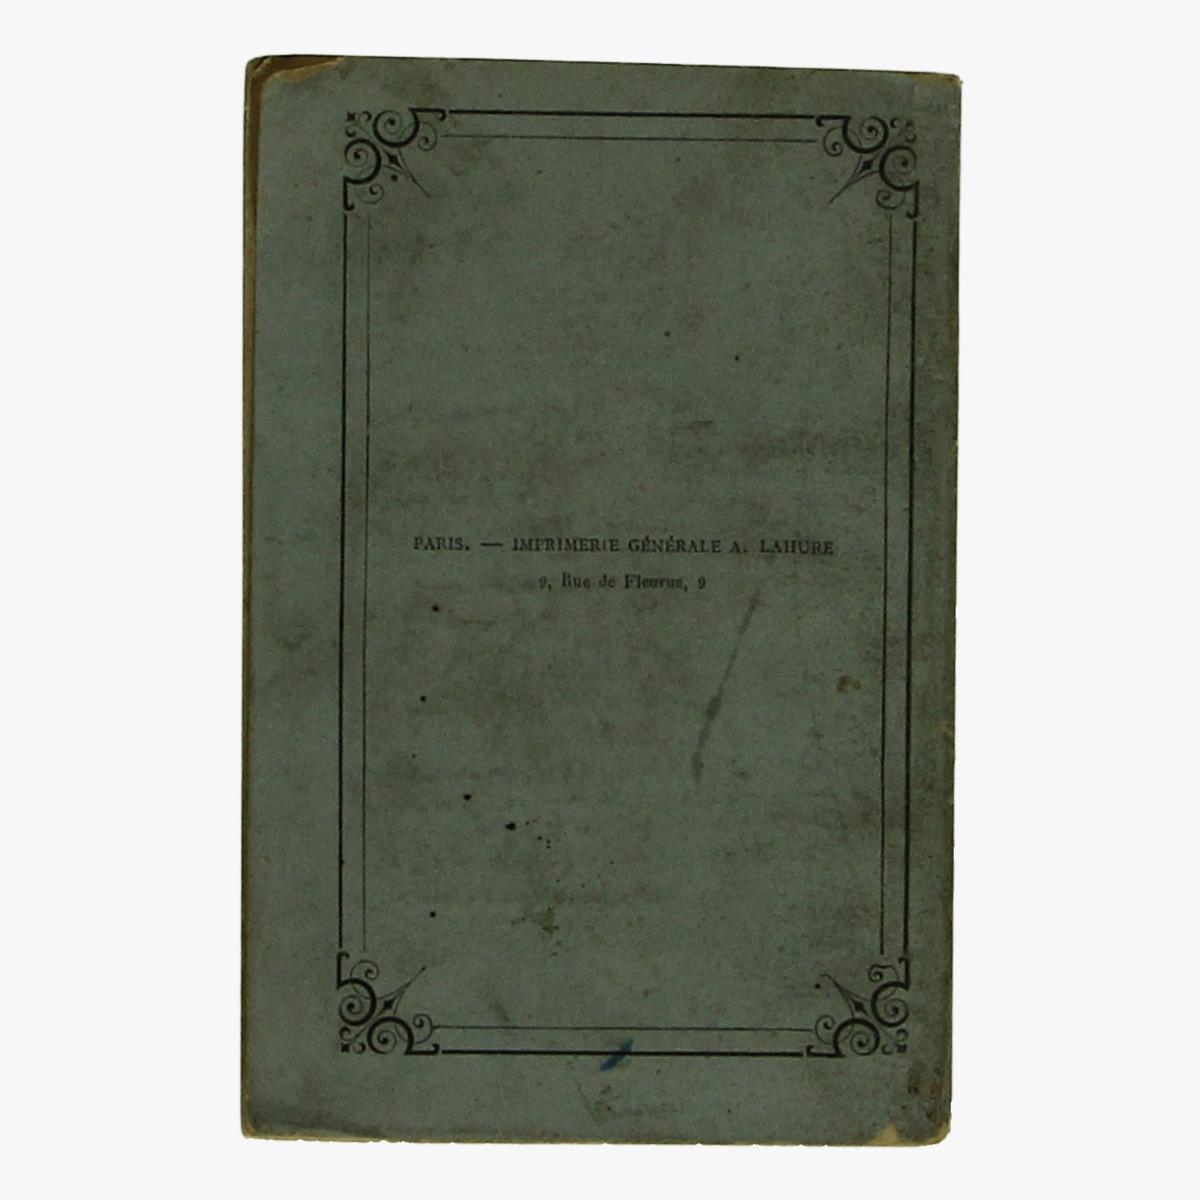 Afbeeldingen van boekje 1881 Le credit viager